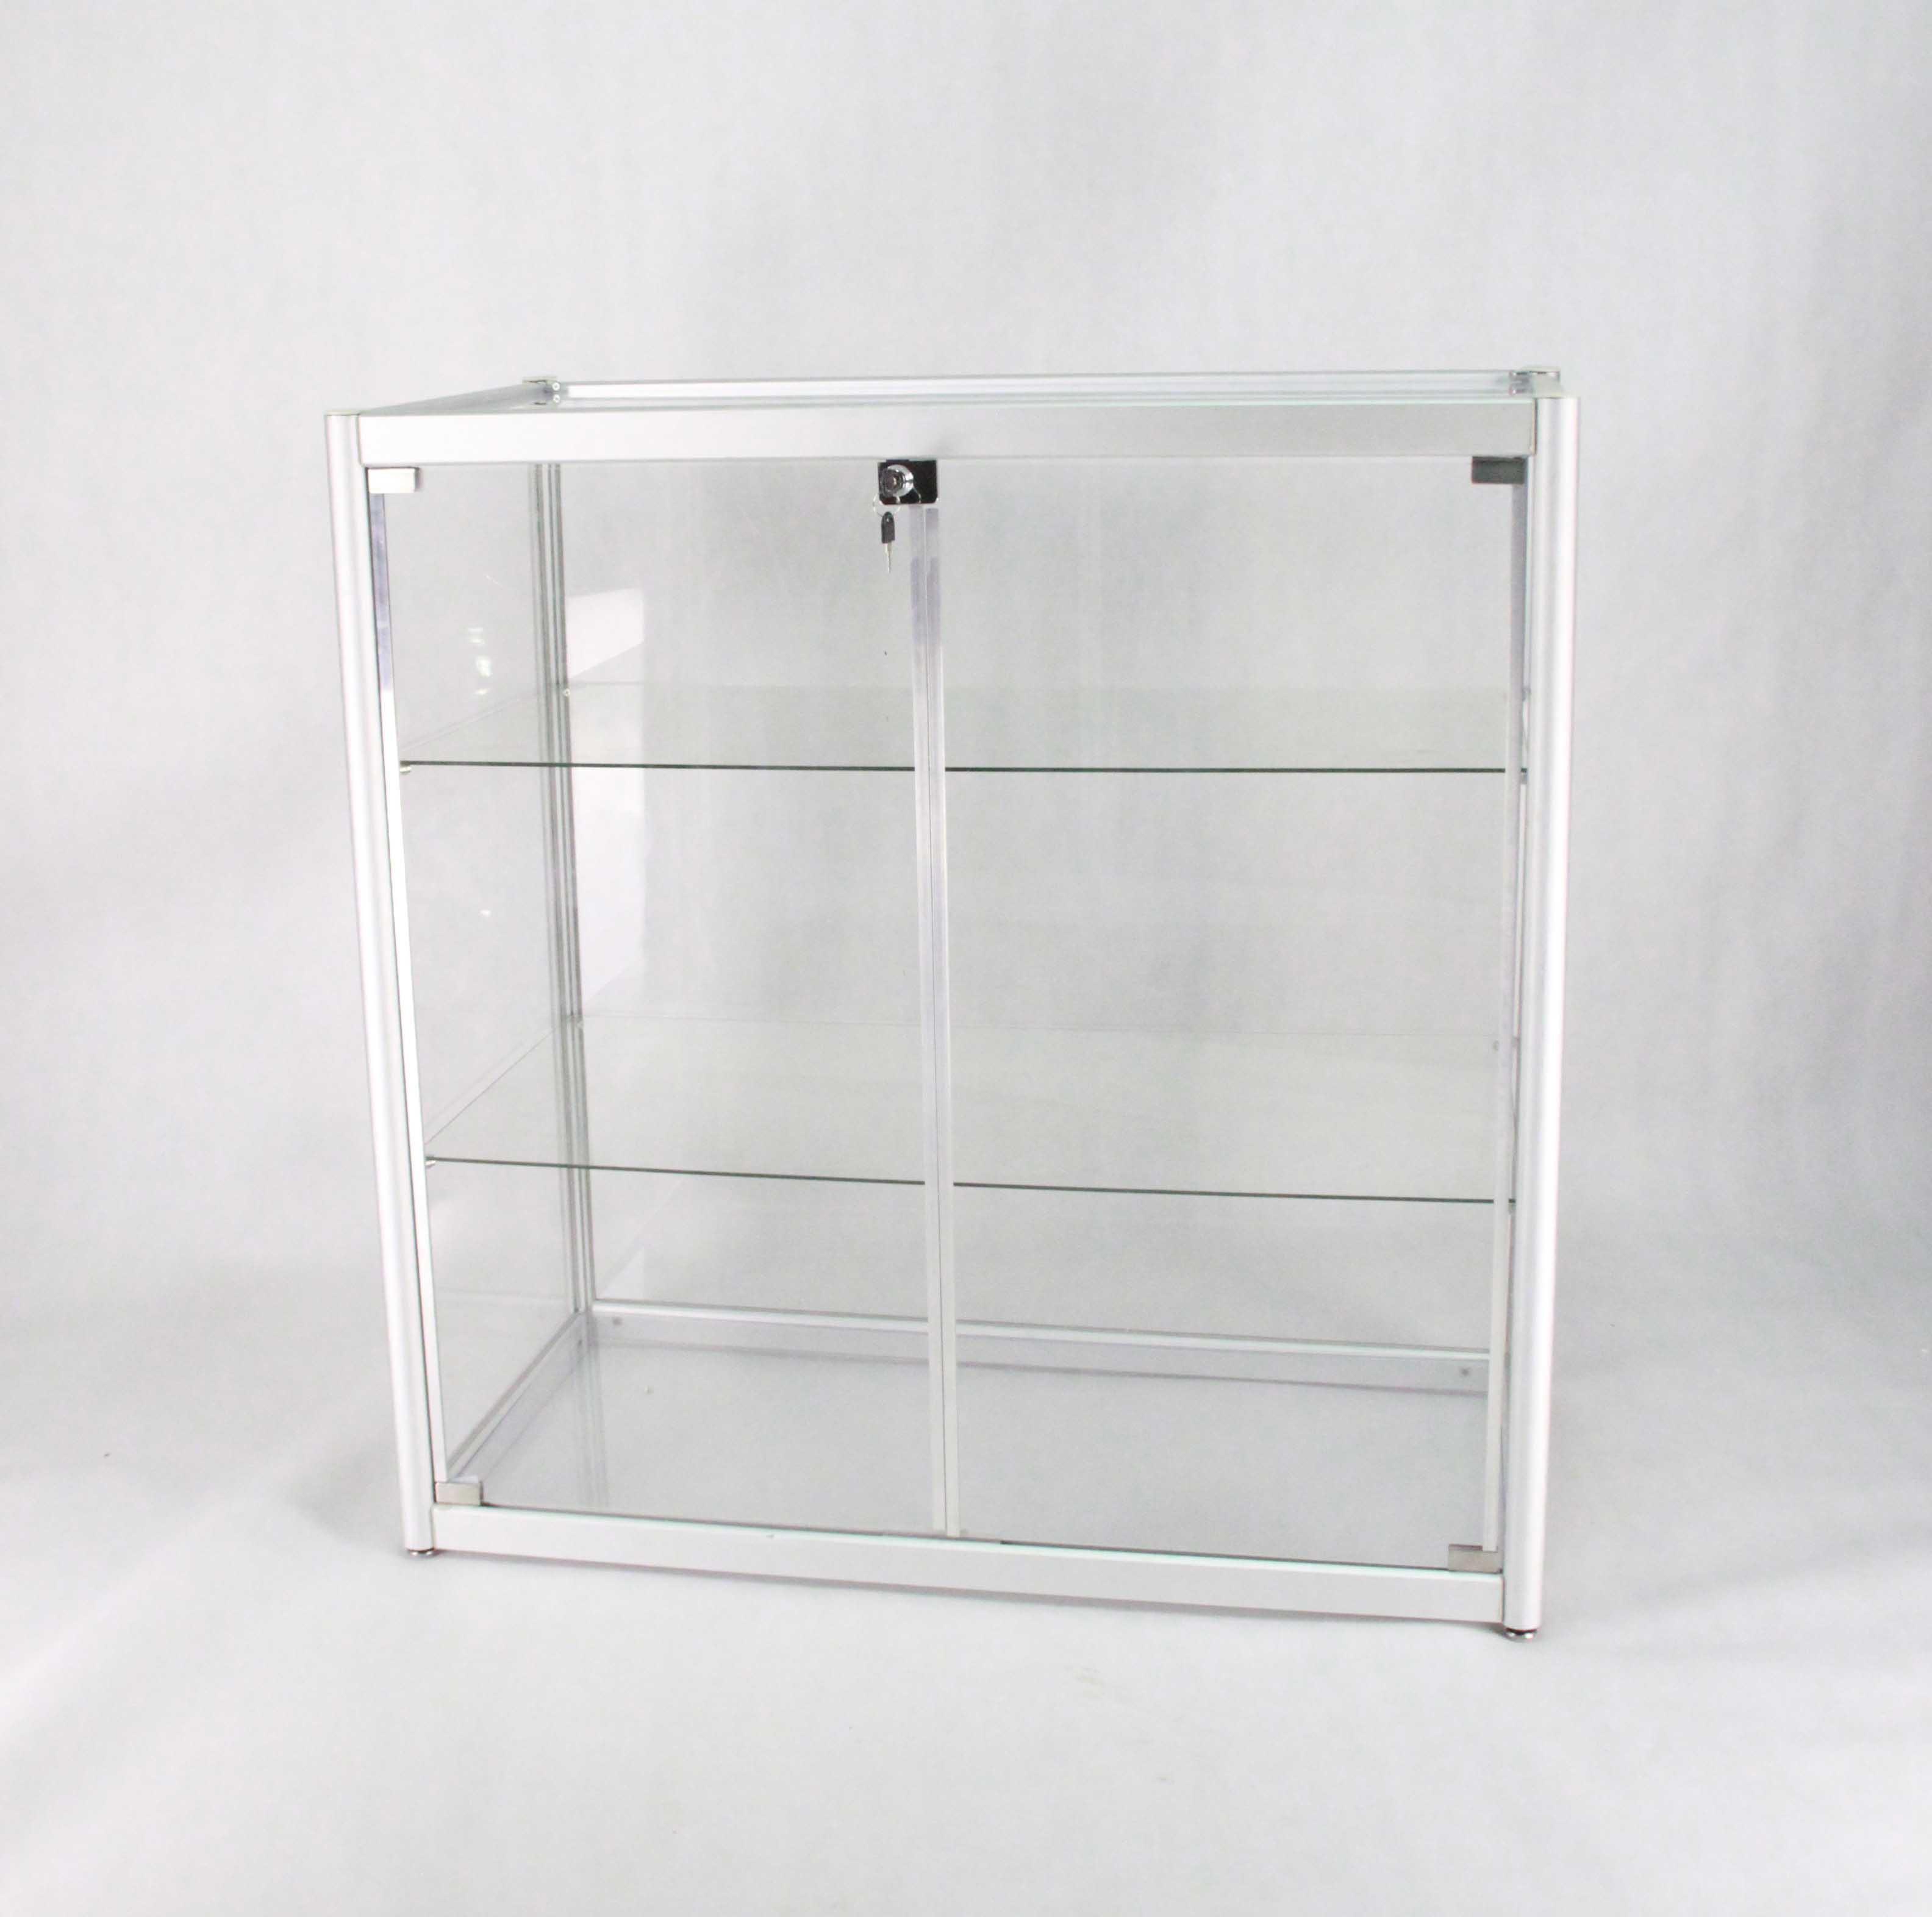 Fixturedisplays Aluminum Glass Display Showcase Sliding Door With